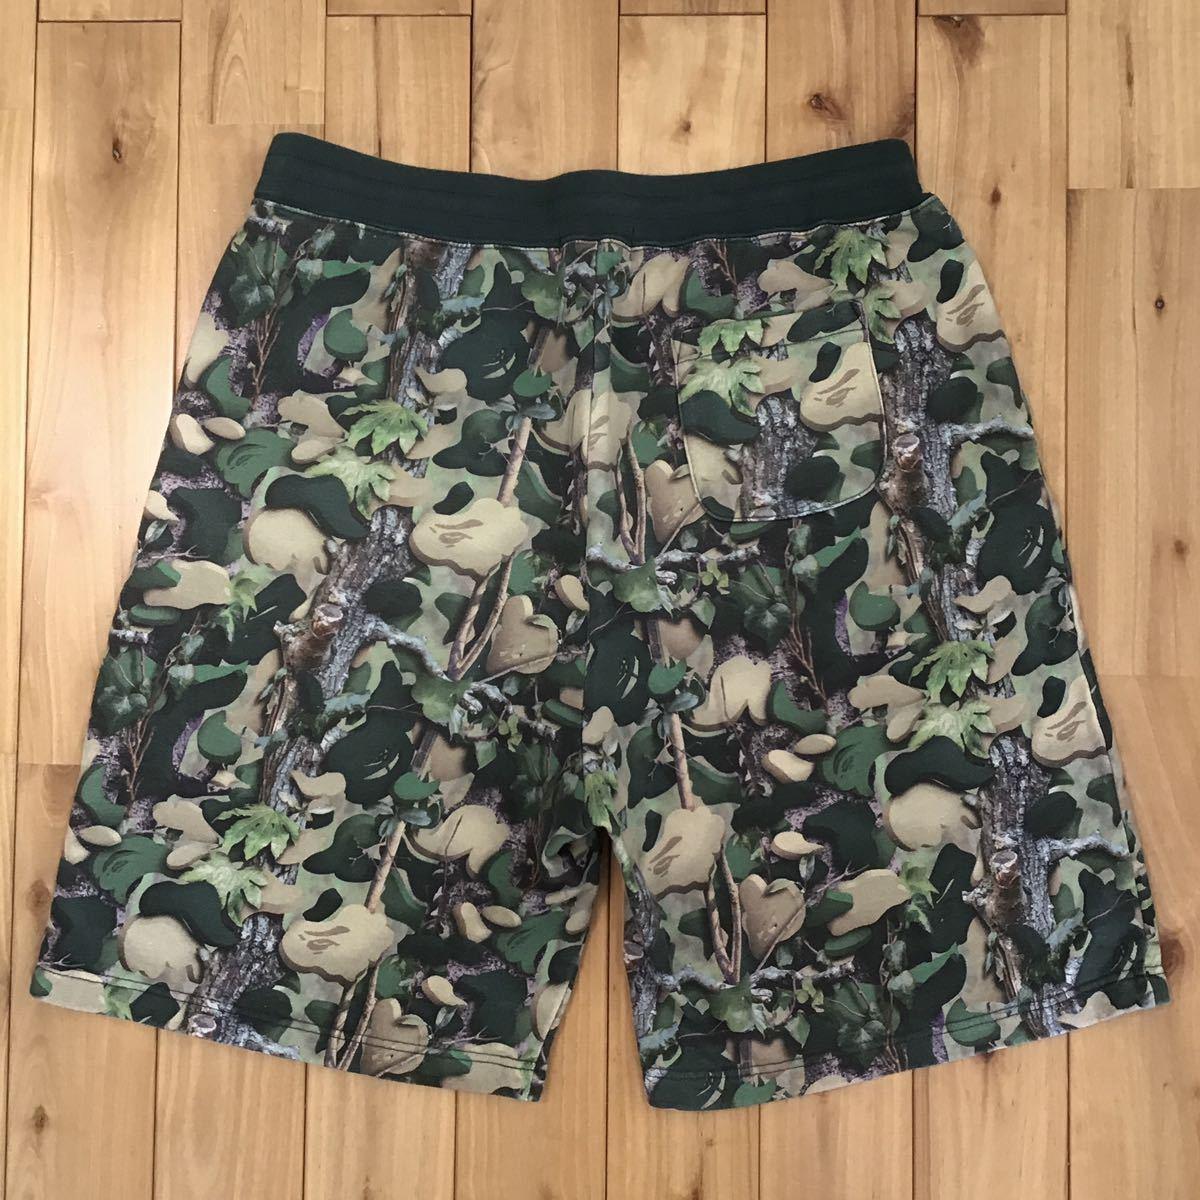 village camo スウェット ハーフパンツ Mサイズ a bathing ape bape shorts pants ショーツ エイプ ベイプ アベイシングエイプ 迷彩 6956